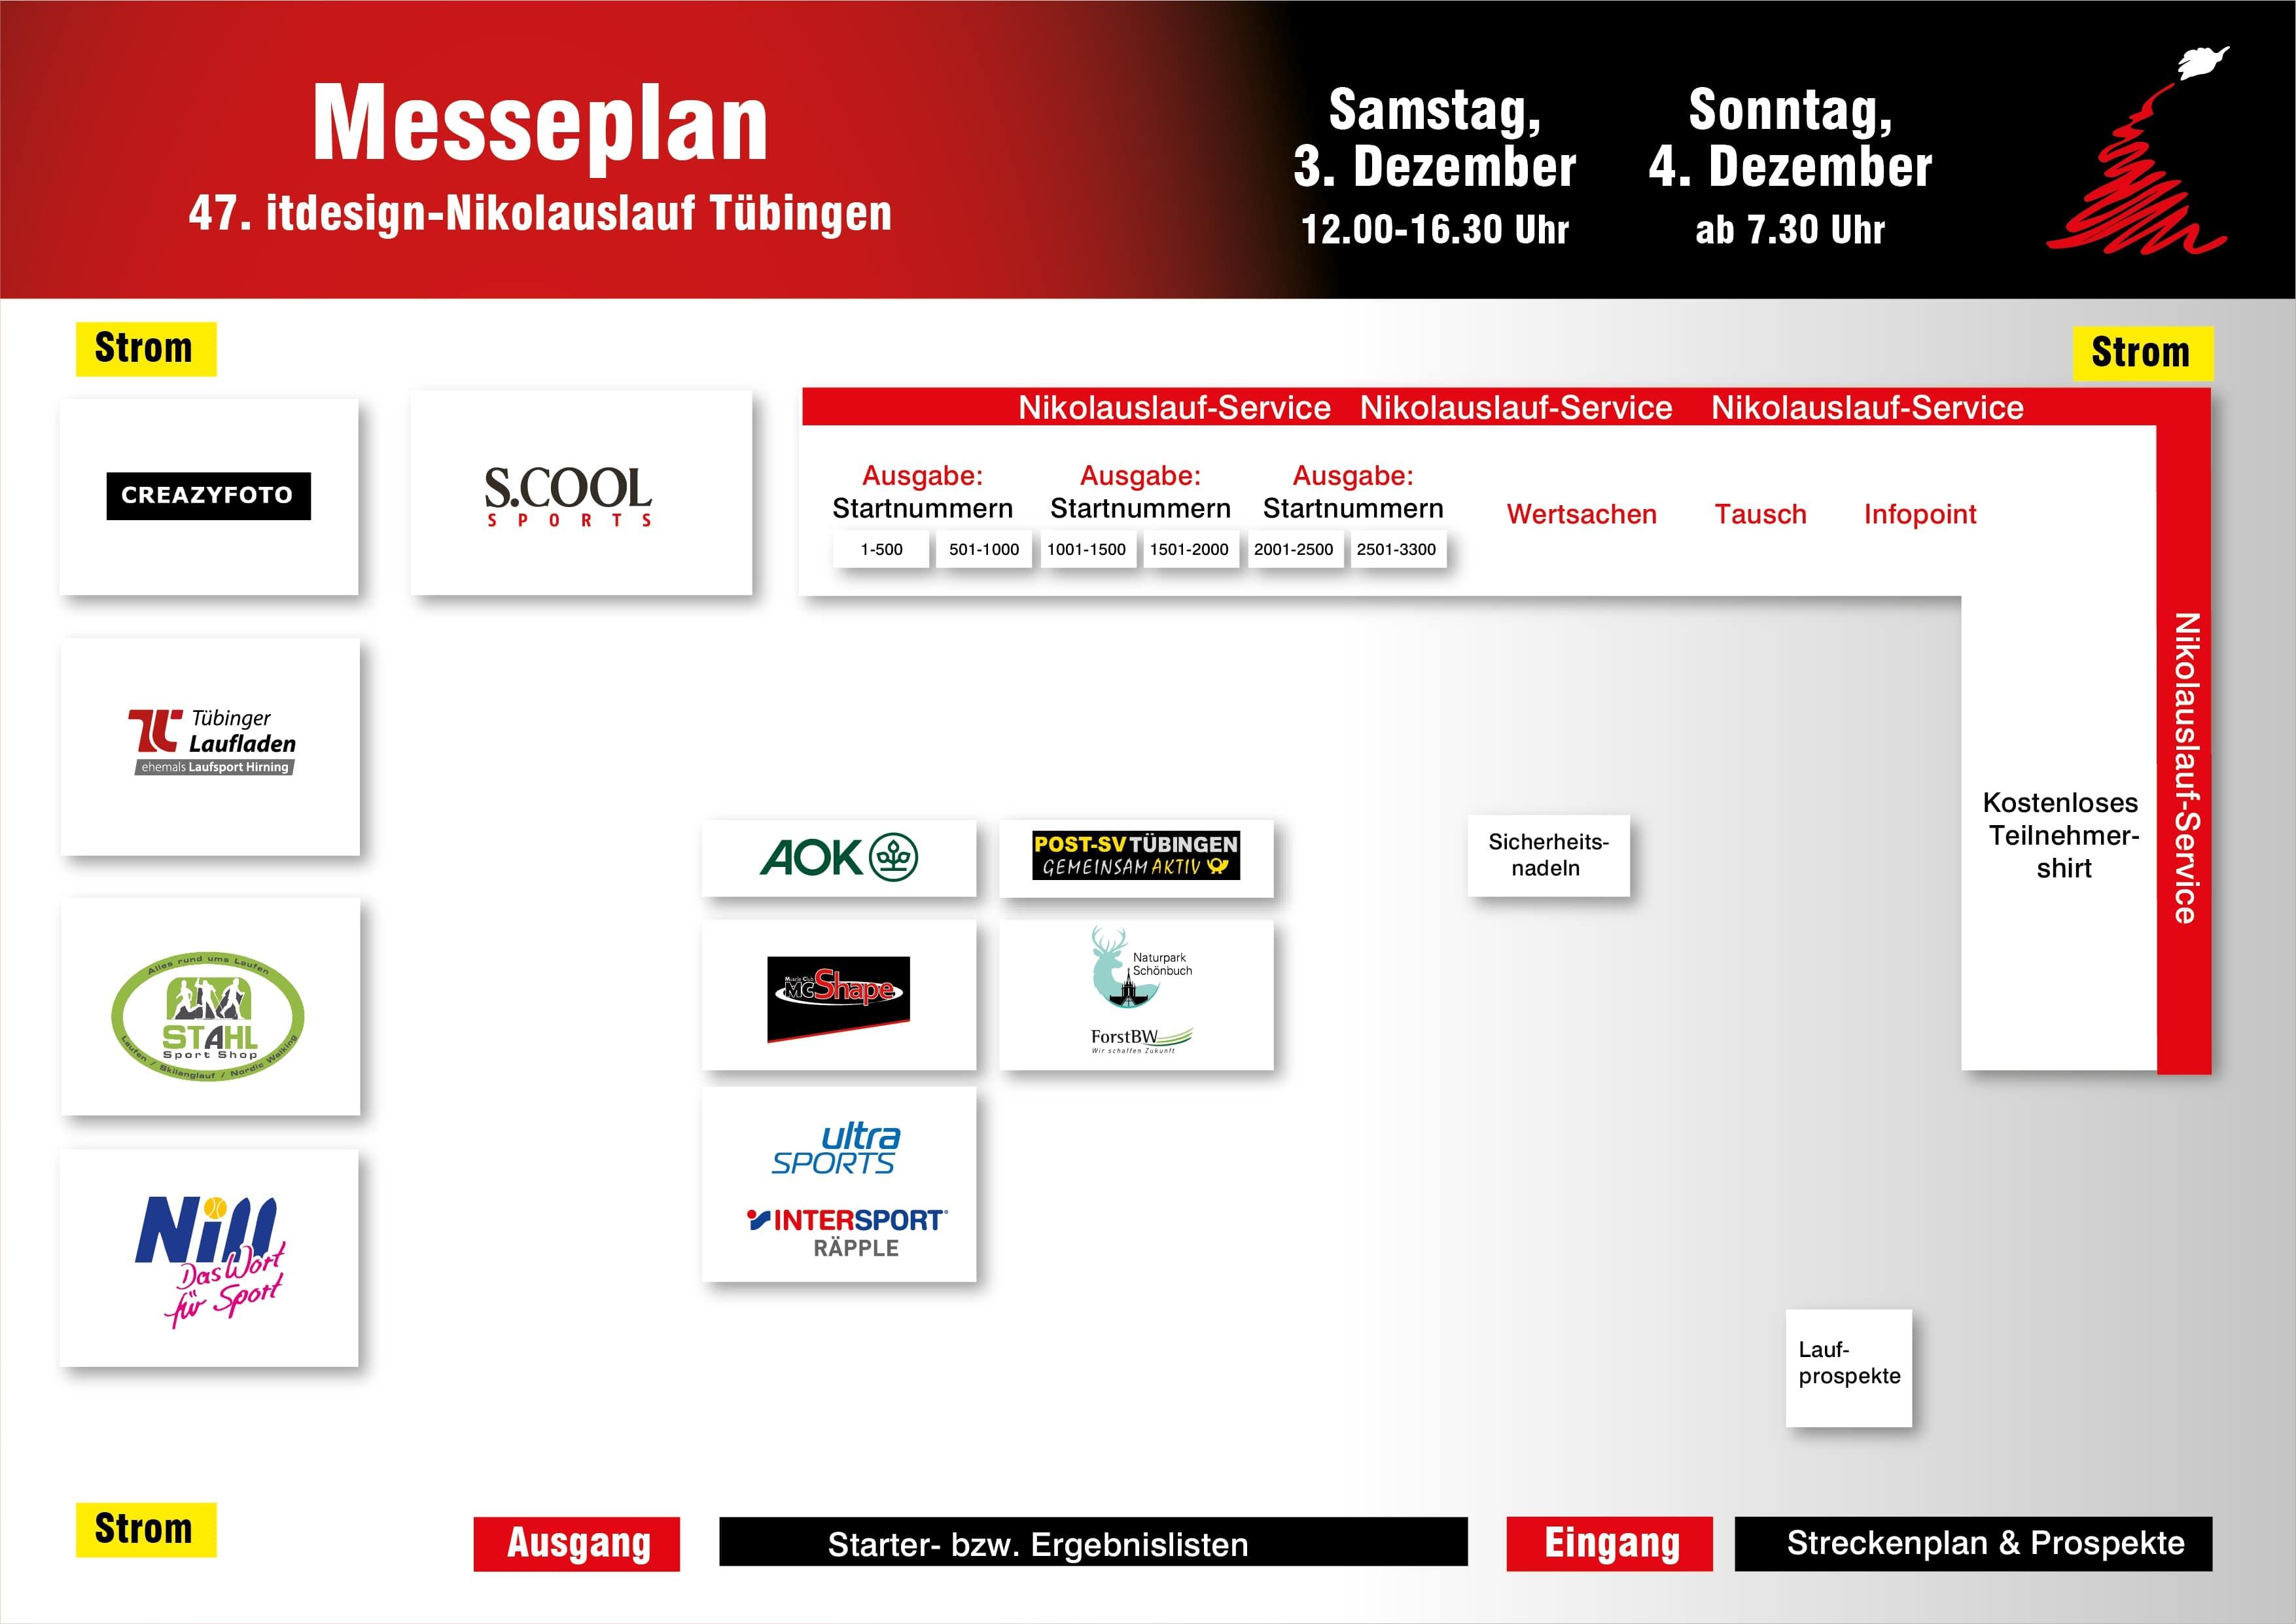 Messeplan 2018